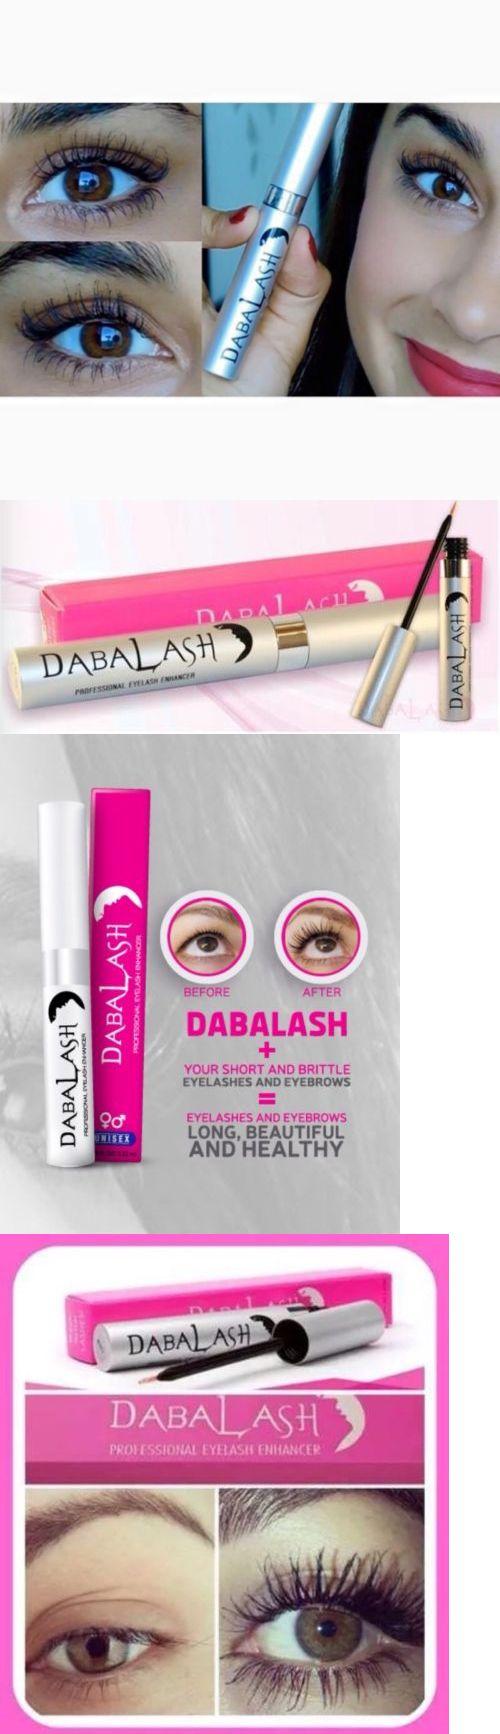 Lash Growth and Conditioner: Dabalash Para 9 Meses 100 % Original Alargador De Pestañas Y Cejas BUY IT NOW ONLY: $125.0